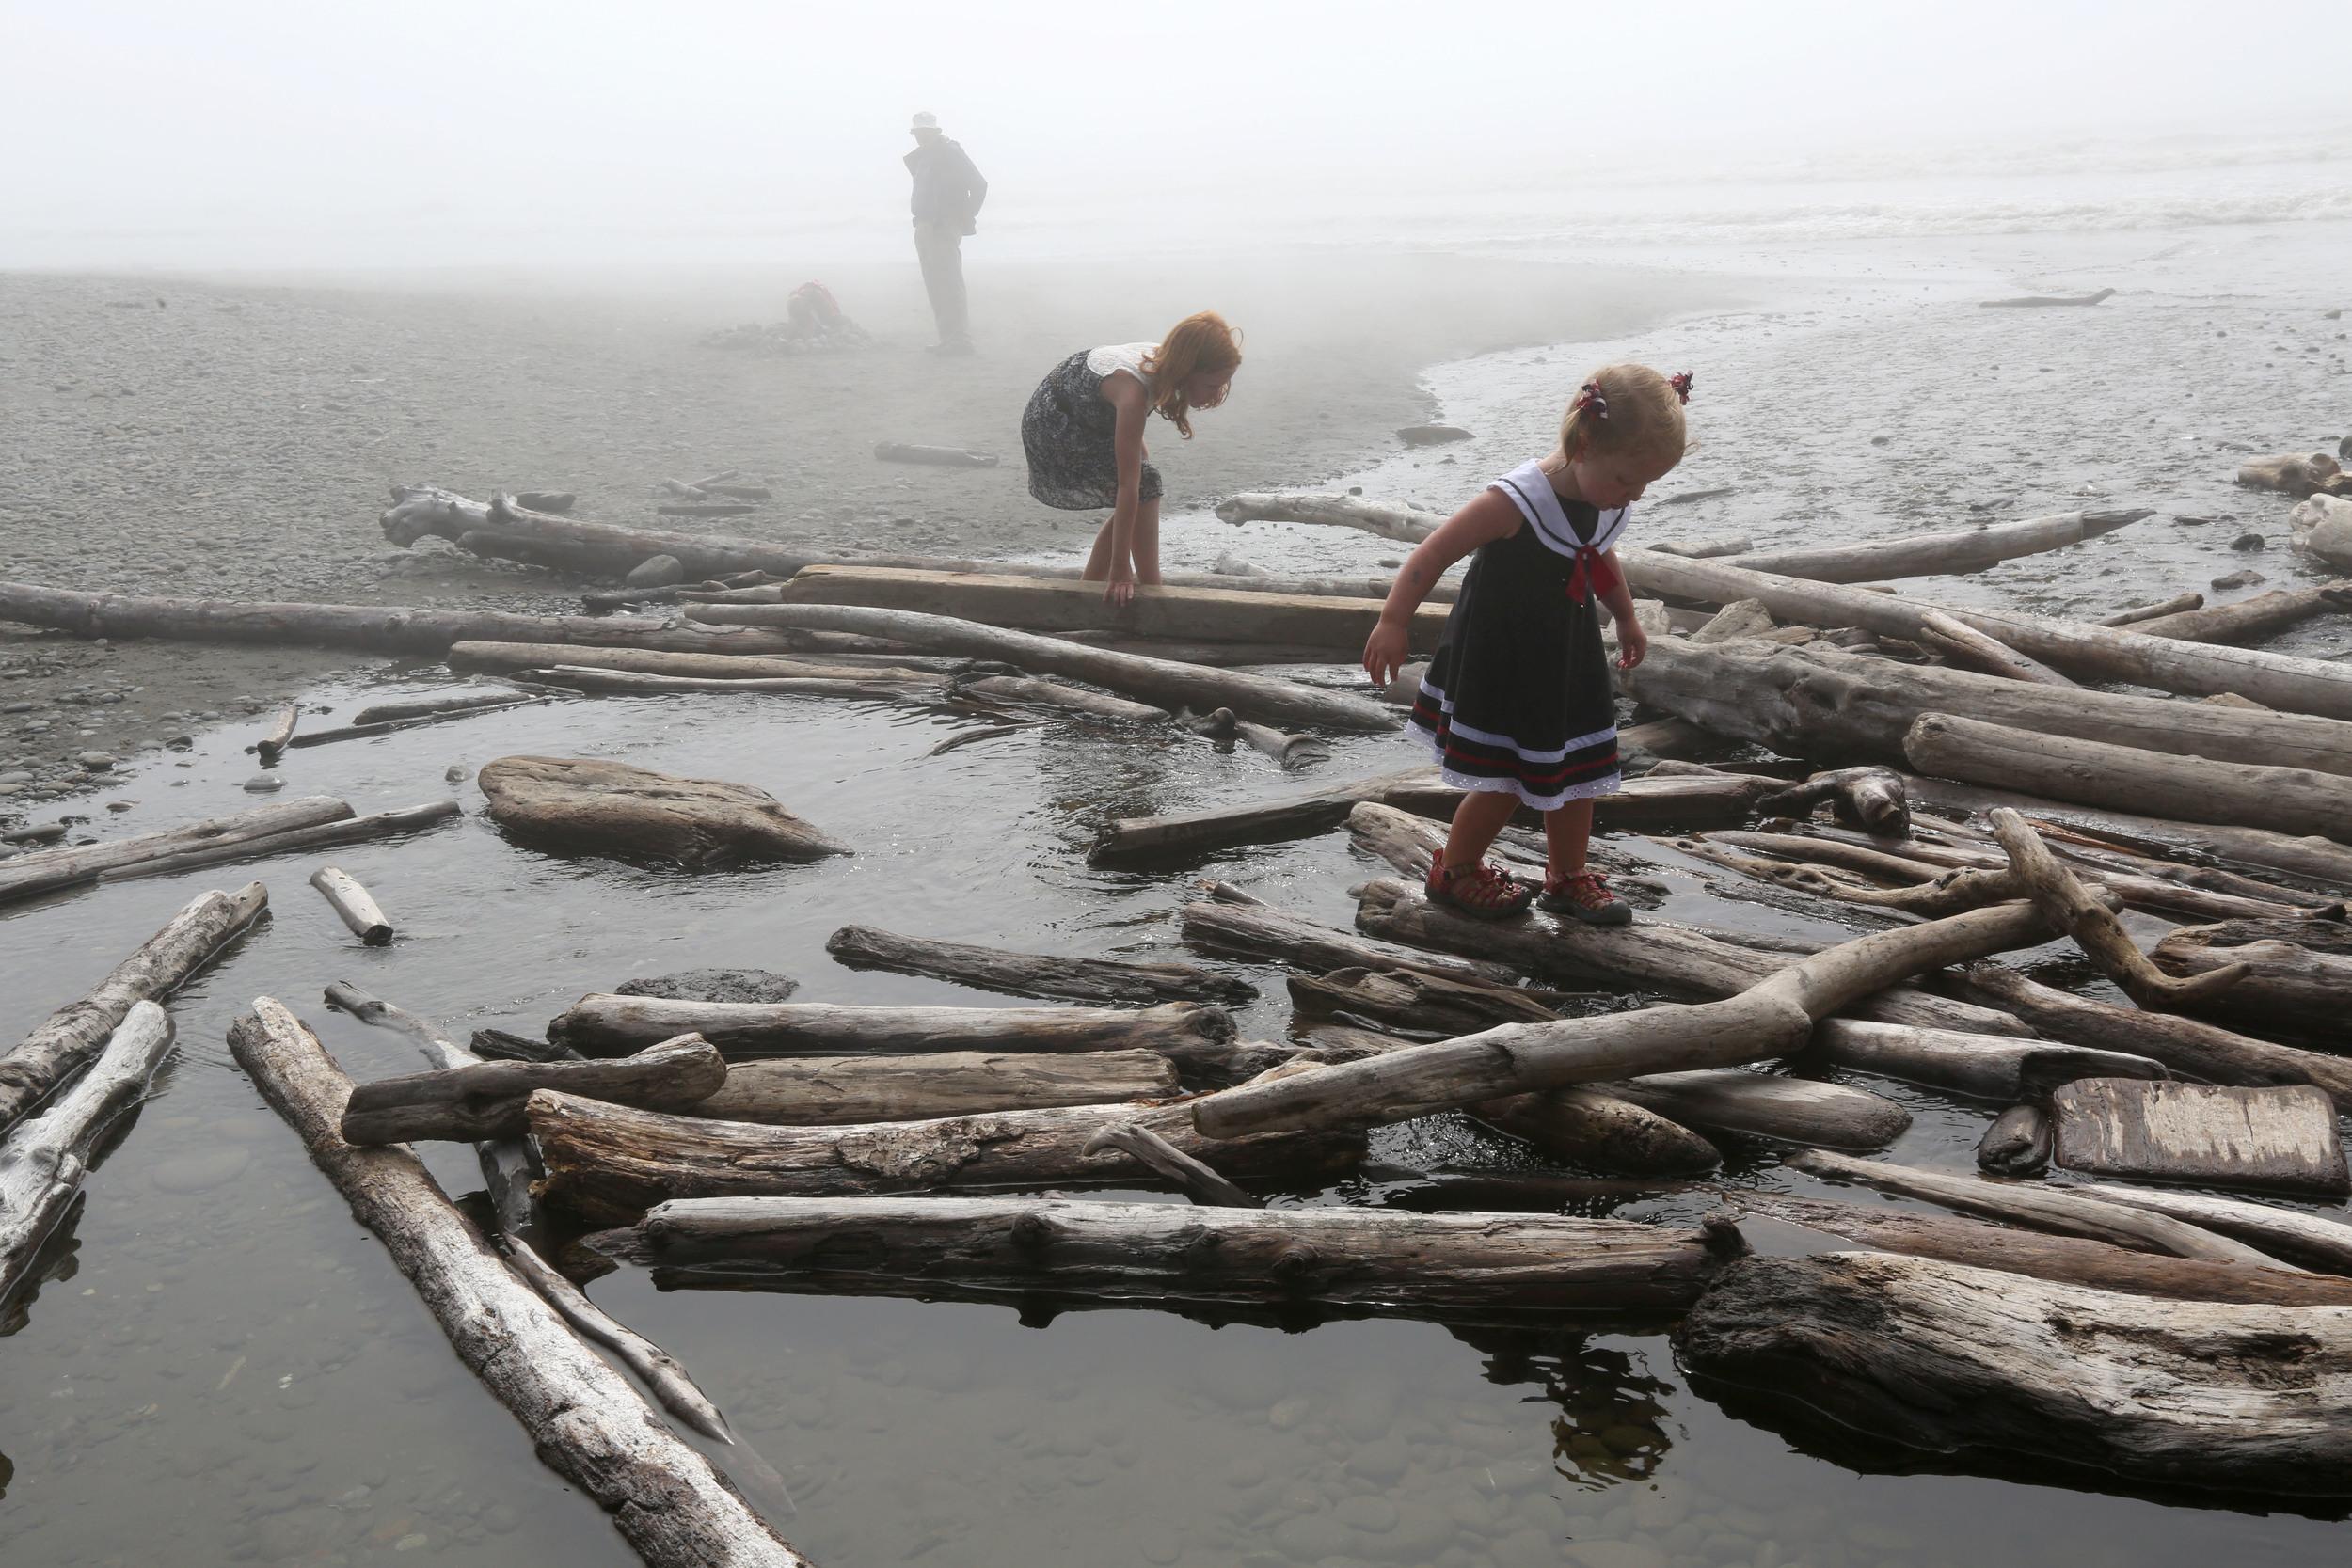 Children play at Ruby Beach in Washinton.